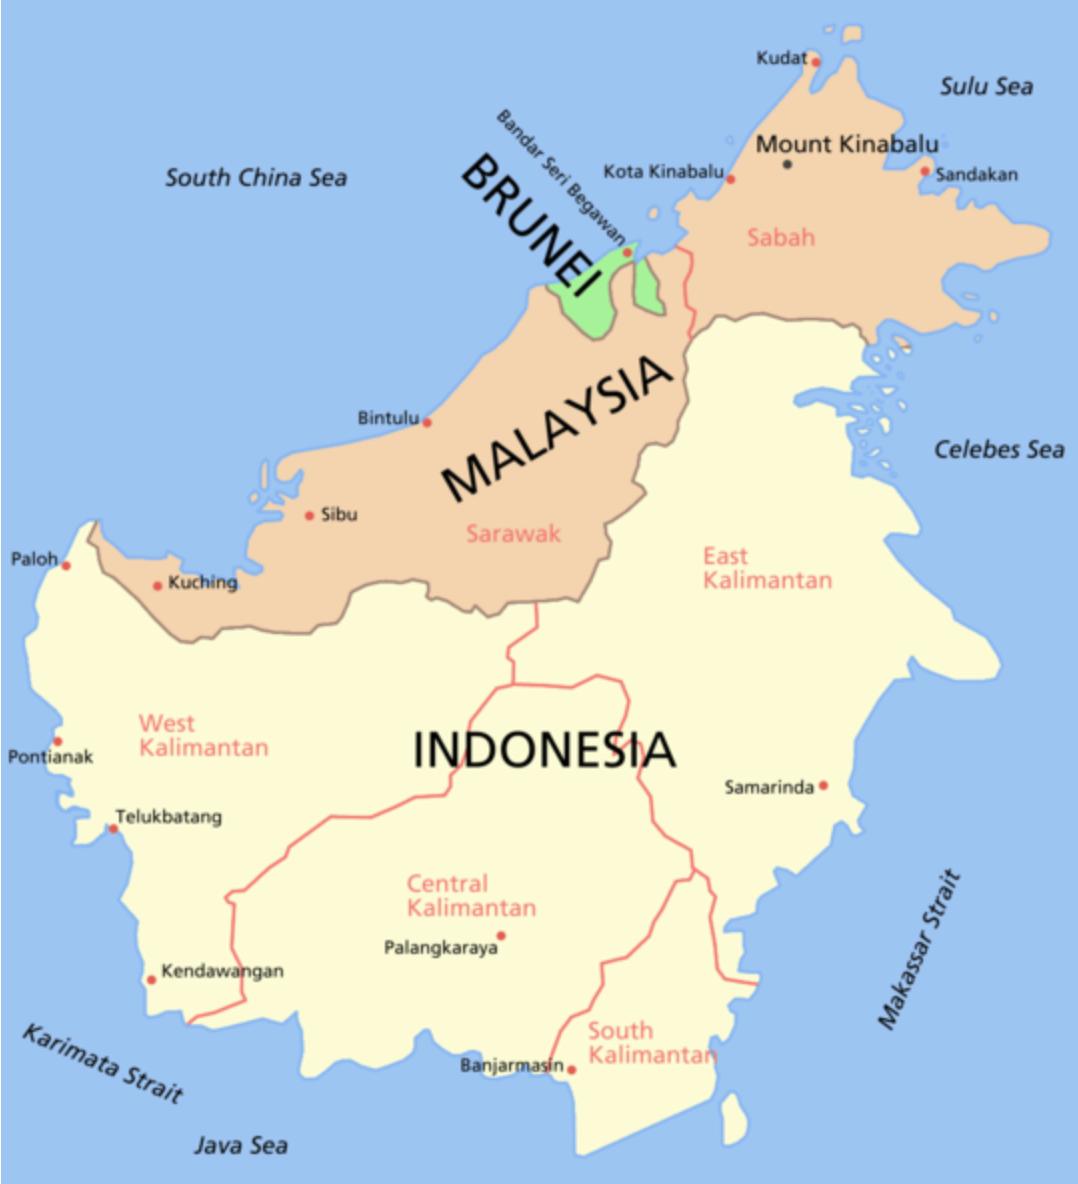 Mapa da ilha de Bornéu - sudeste asiático